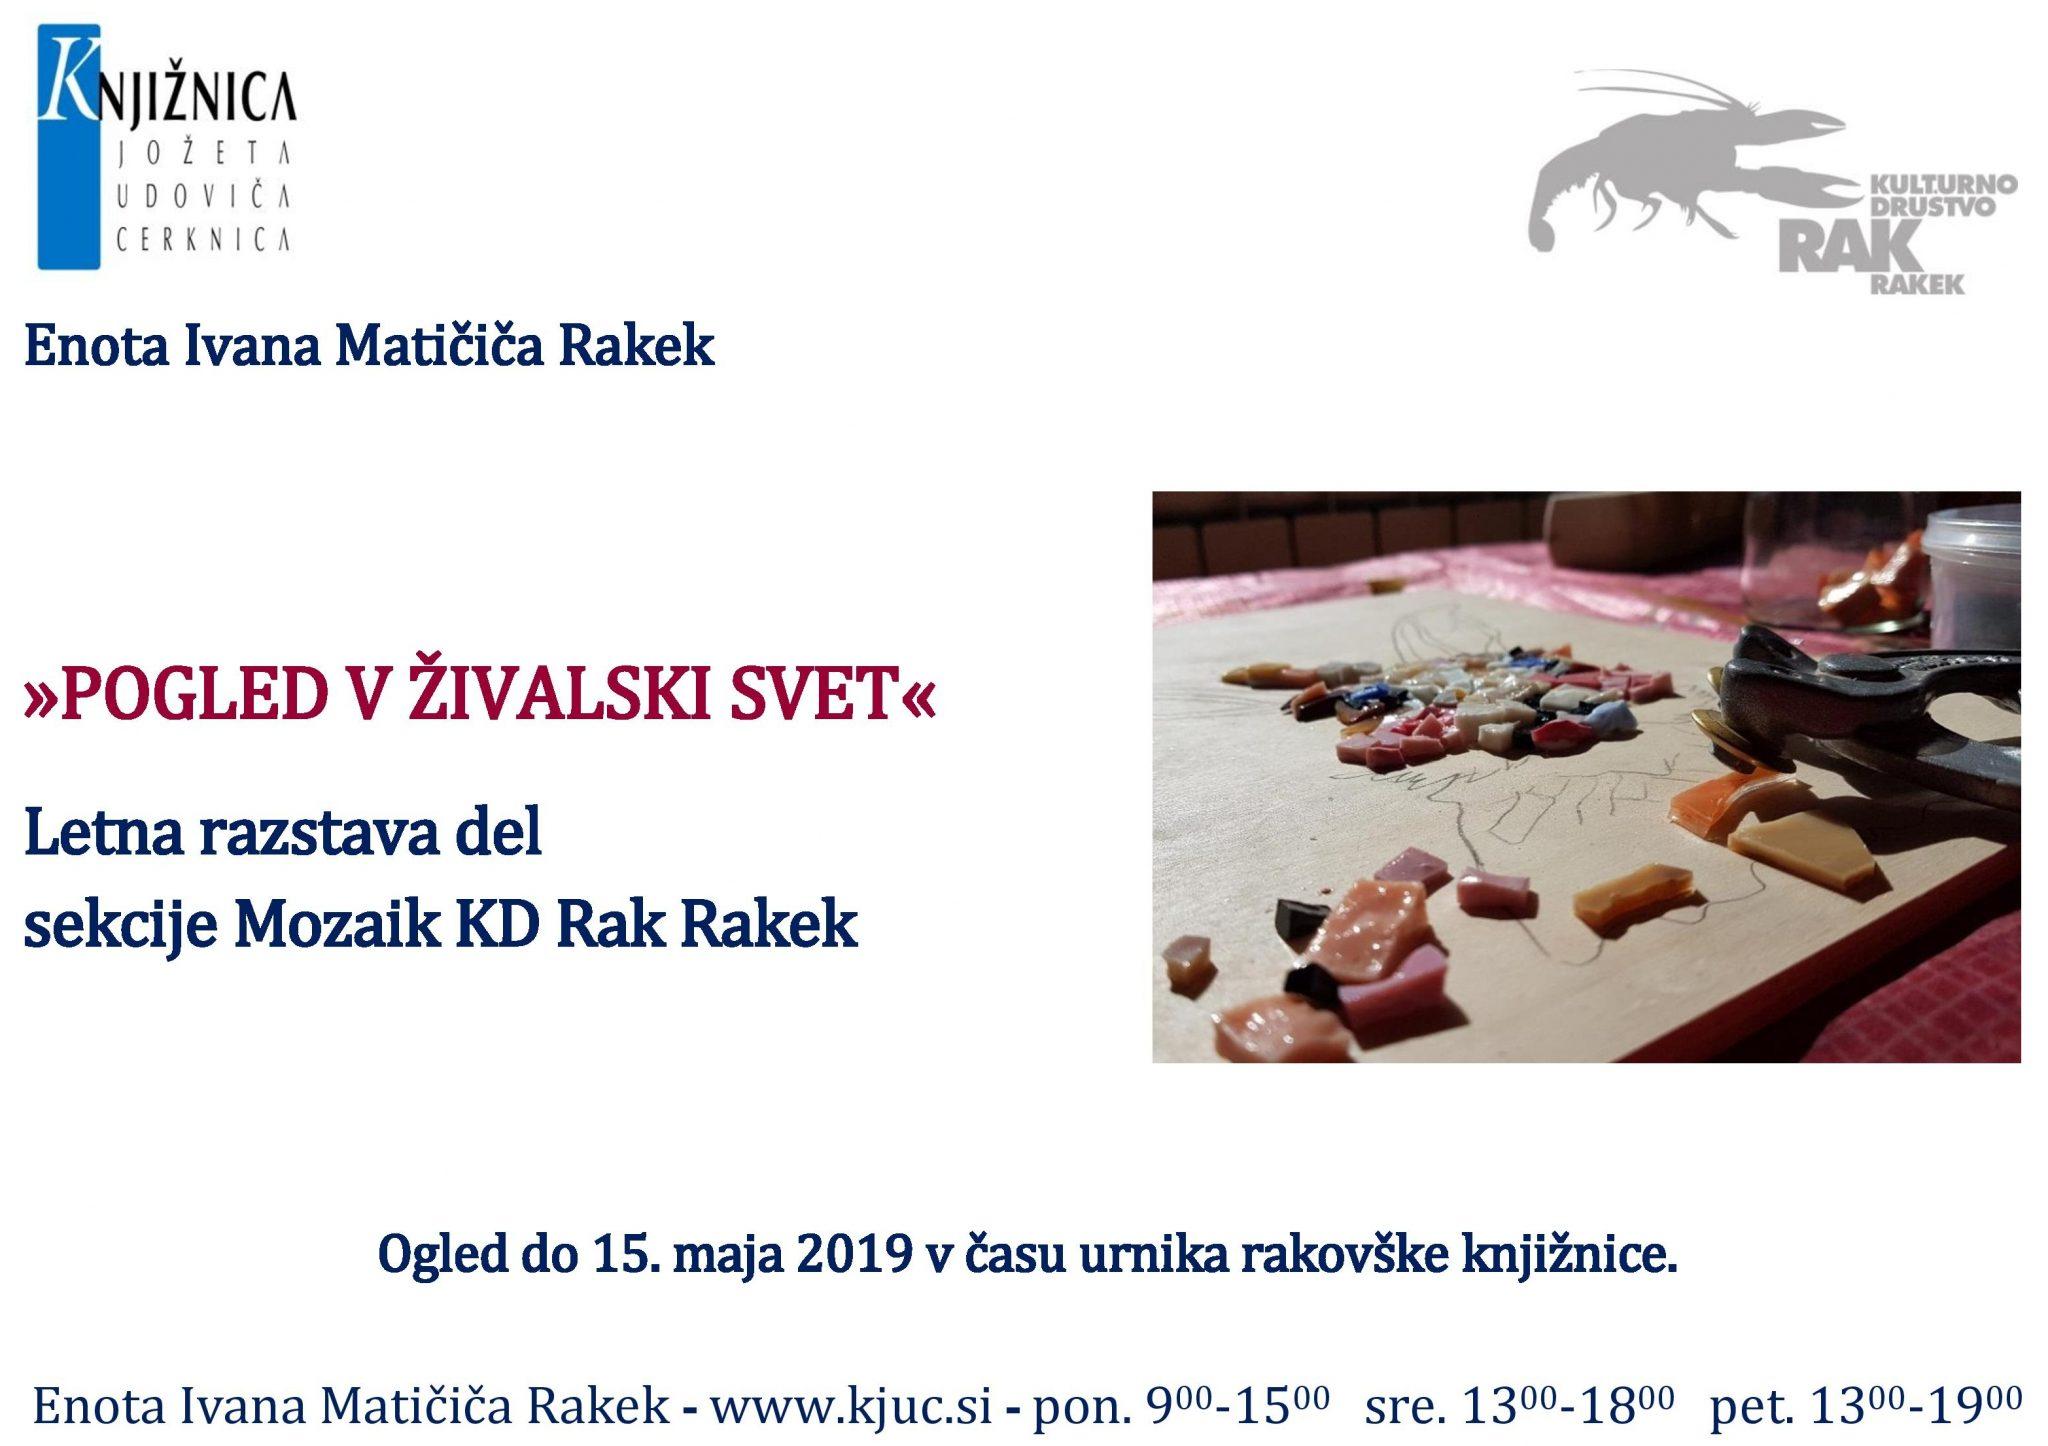 cover 2 - Pogled v živalski svet – razstava sekcije Mozaik KD Rak Rakek